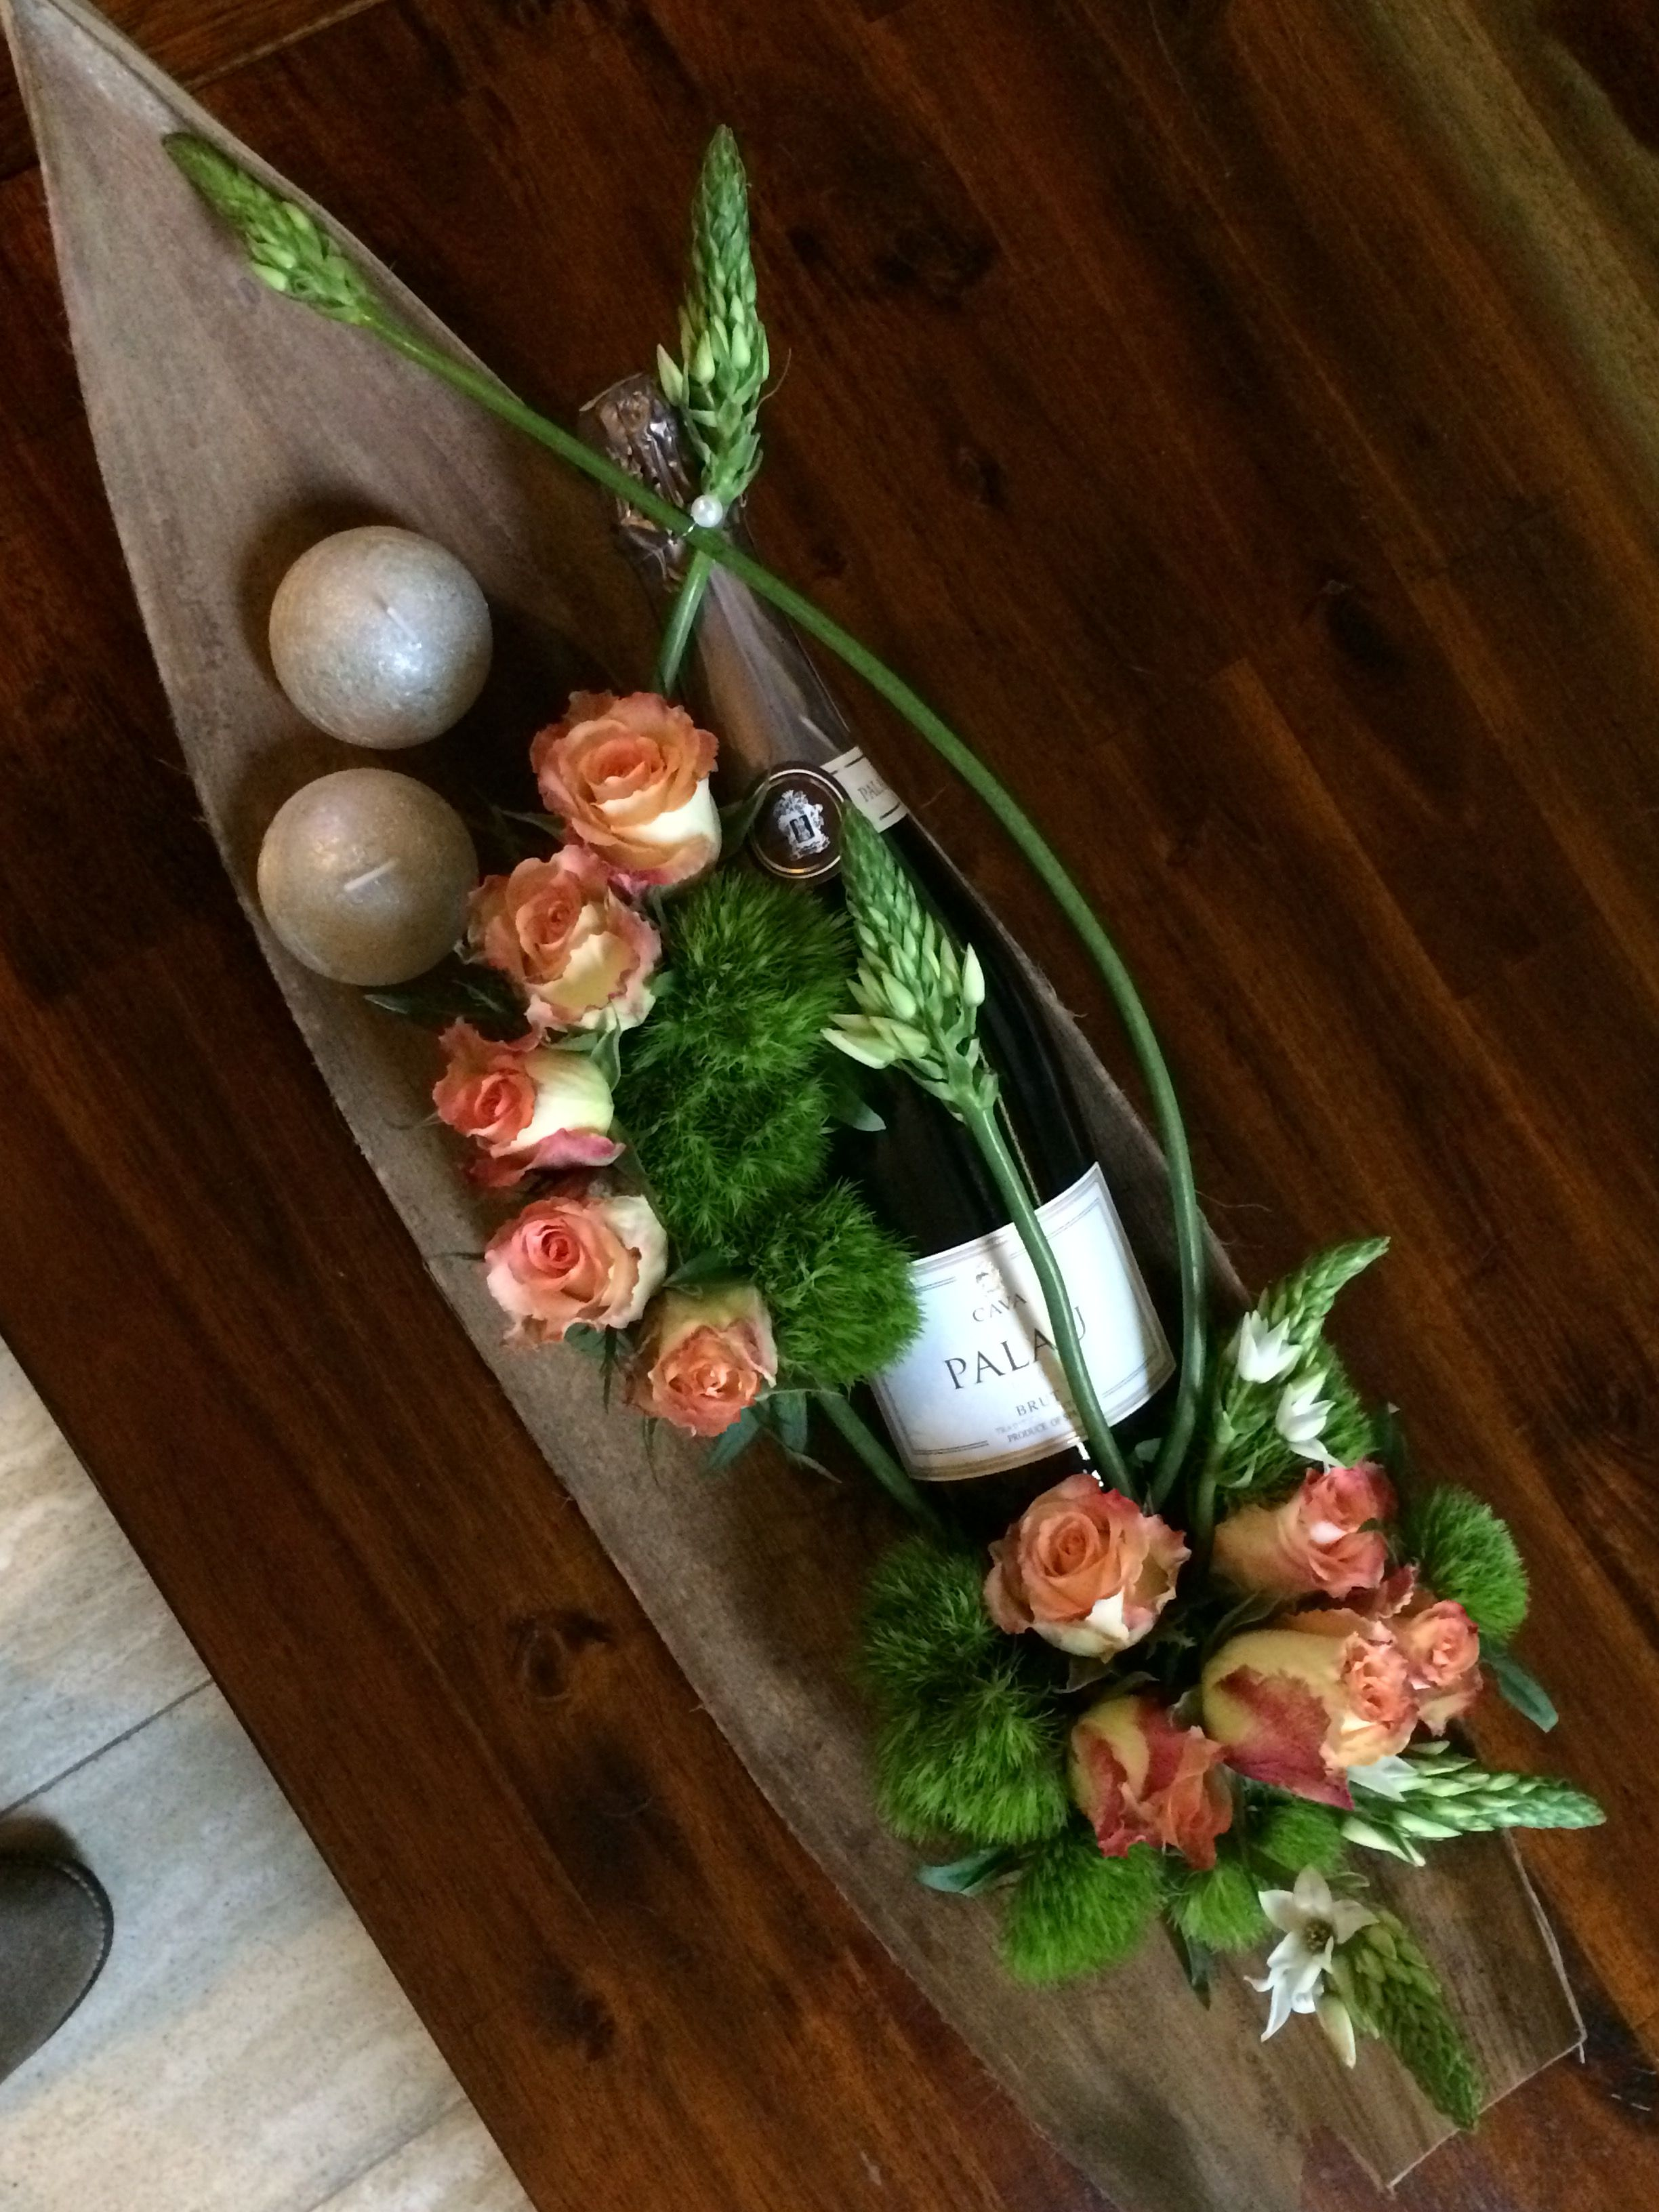 Pin von Rafsana Bholai auf Bloemen  Wein geschenk Geschenke verpacken und Frische blumen